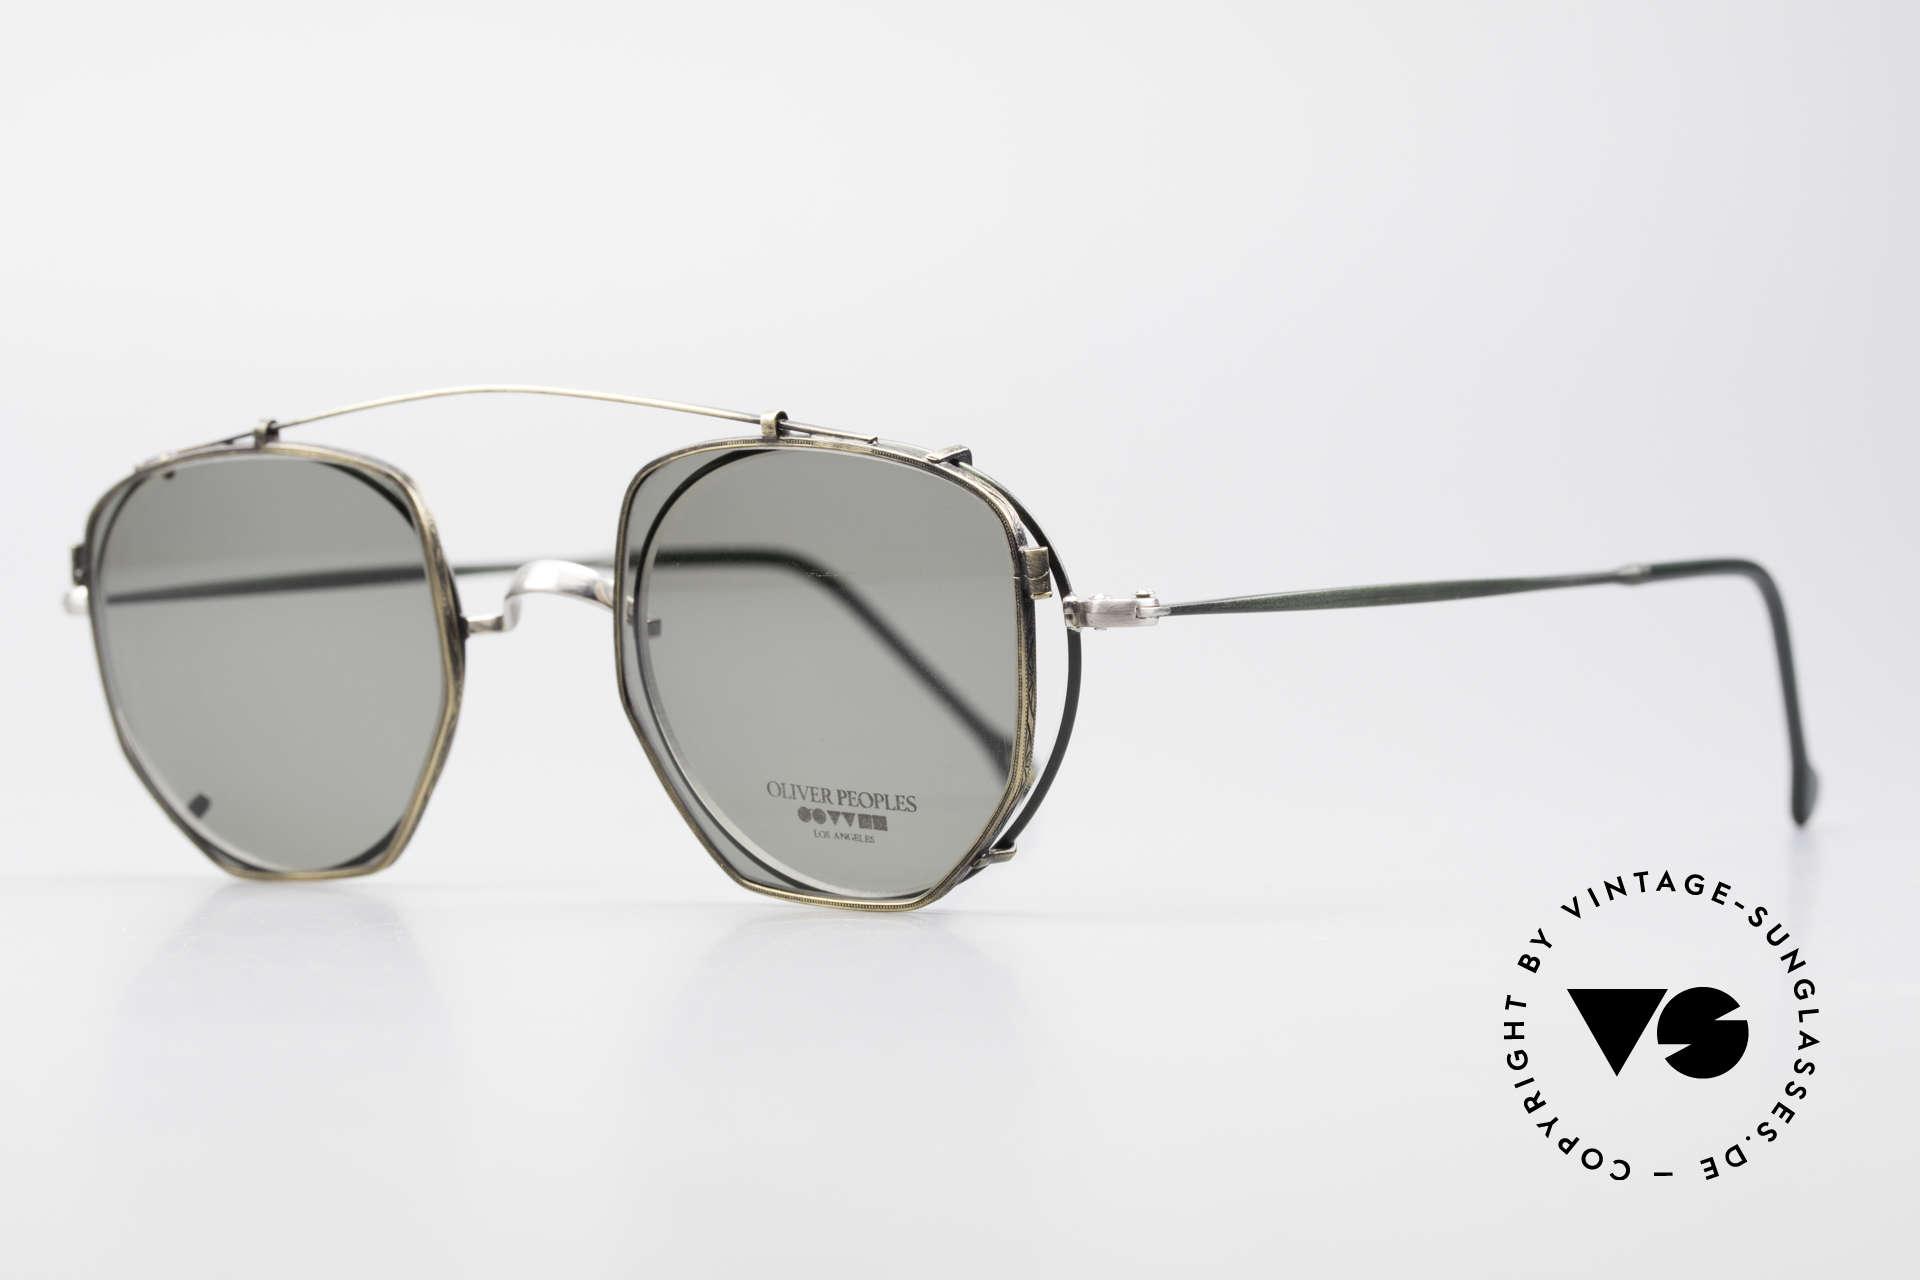 Oliver Peoples OP80BC Runde Brille Eckiger Clip On, rundes Modell OP-80BC in tannengrün / antik-silber, Passend für Herren und Damen